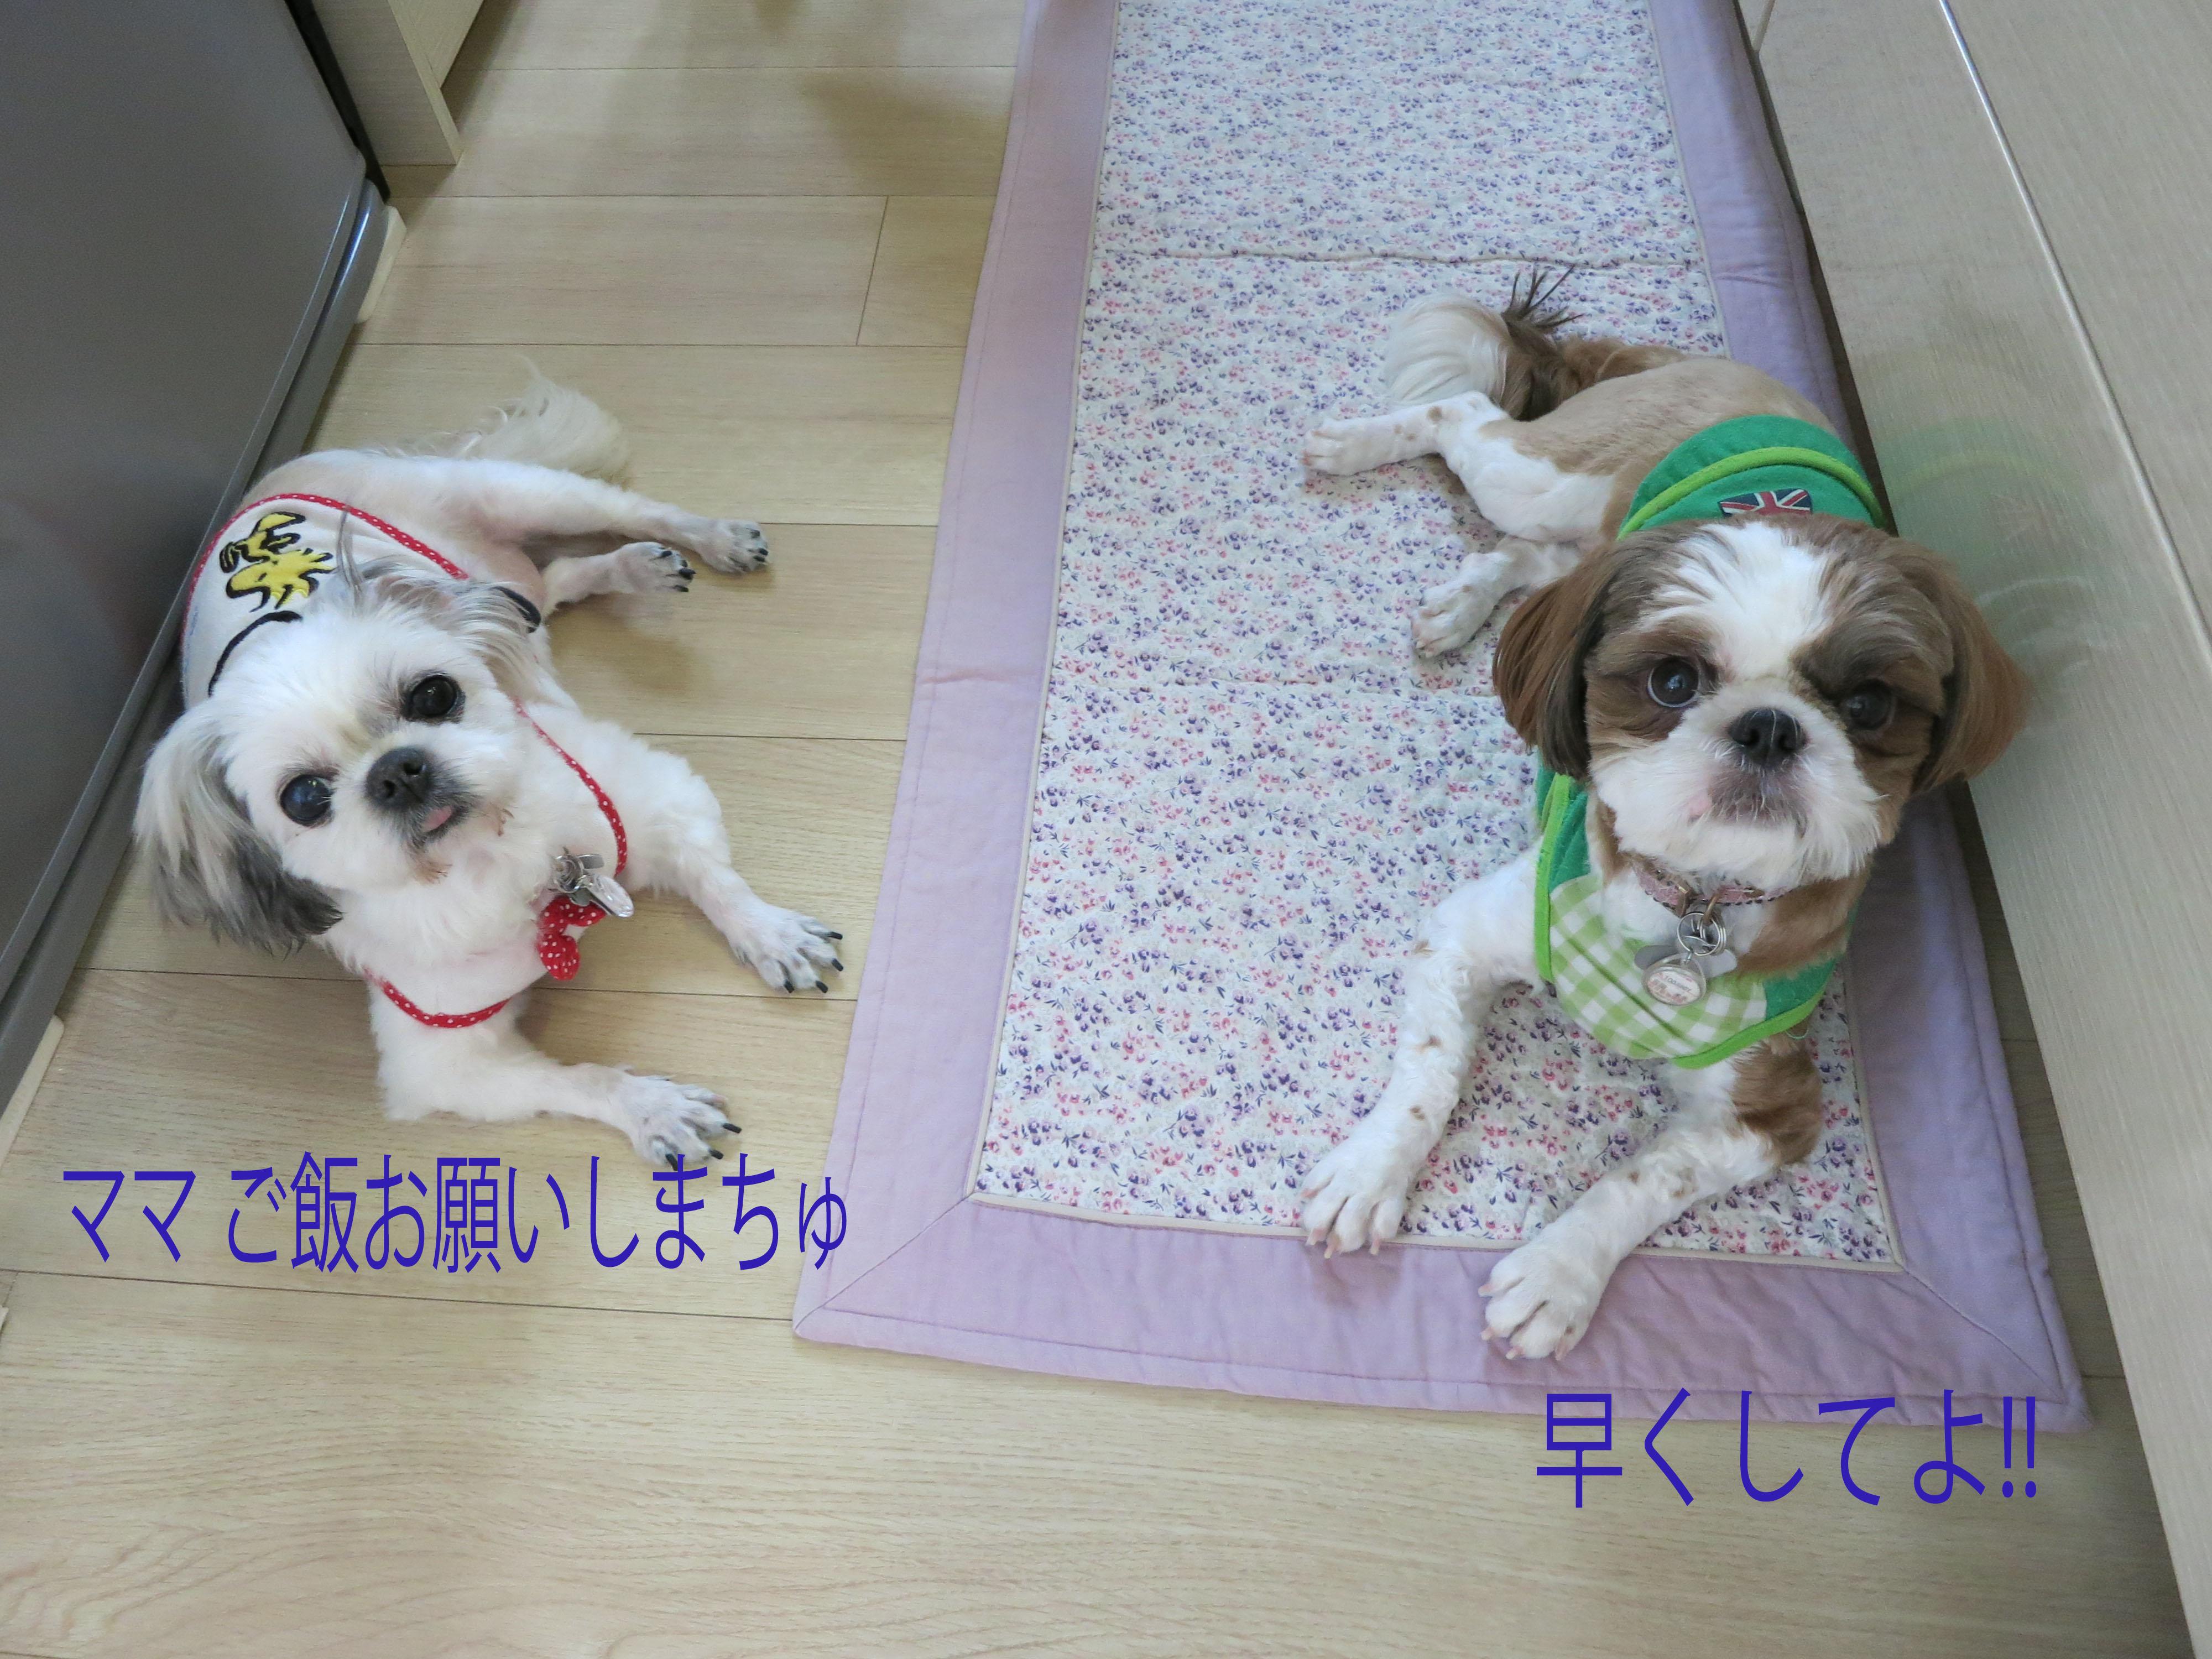 mikuhana__0101.jpg